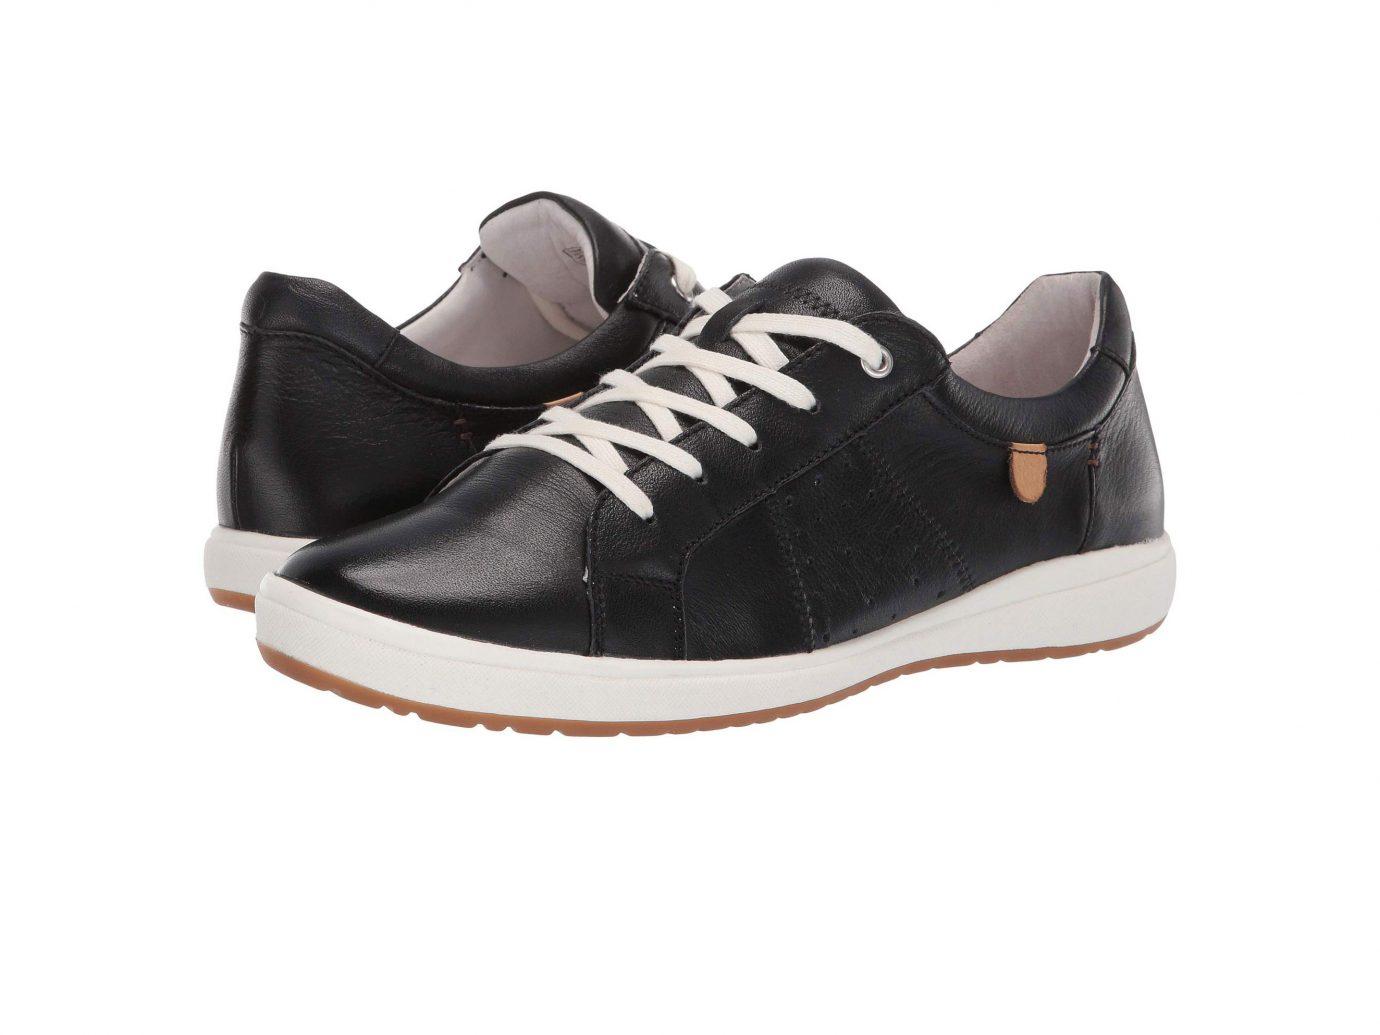 Josef Seibel Caren 01 Sneakers